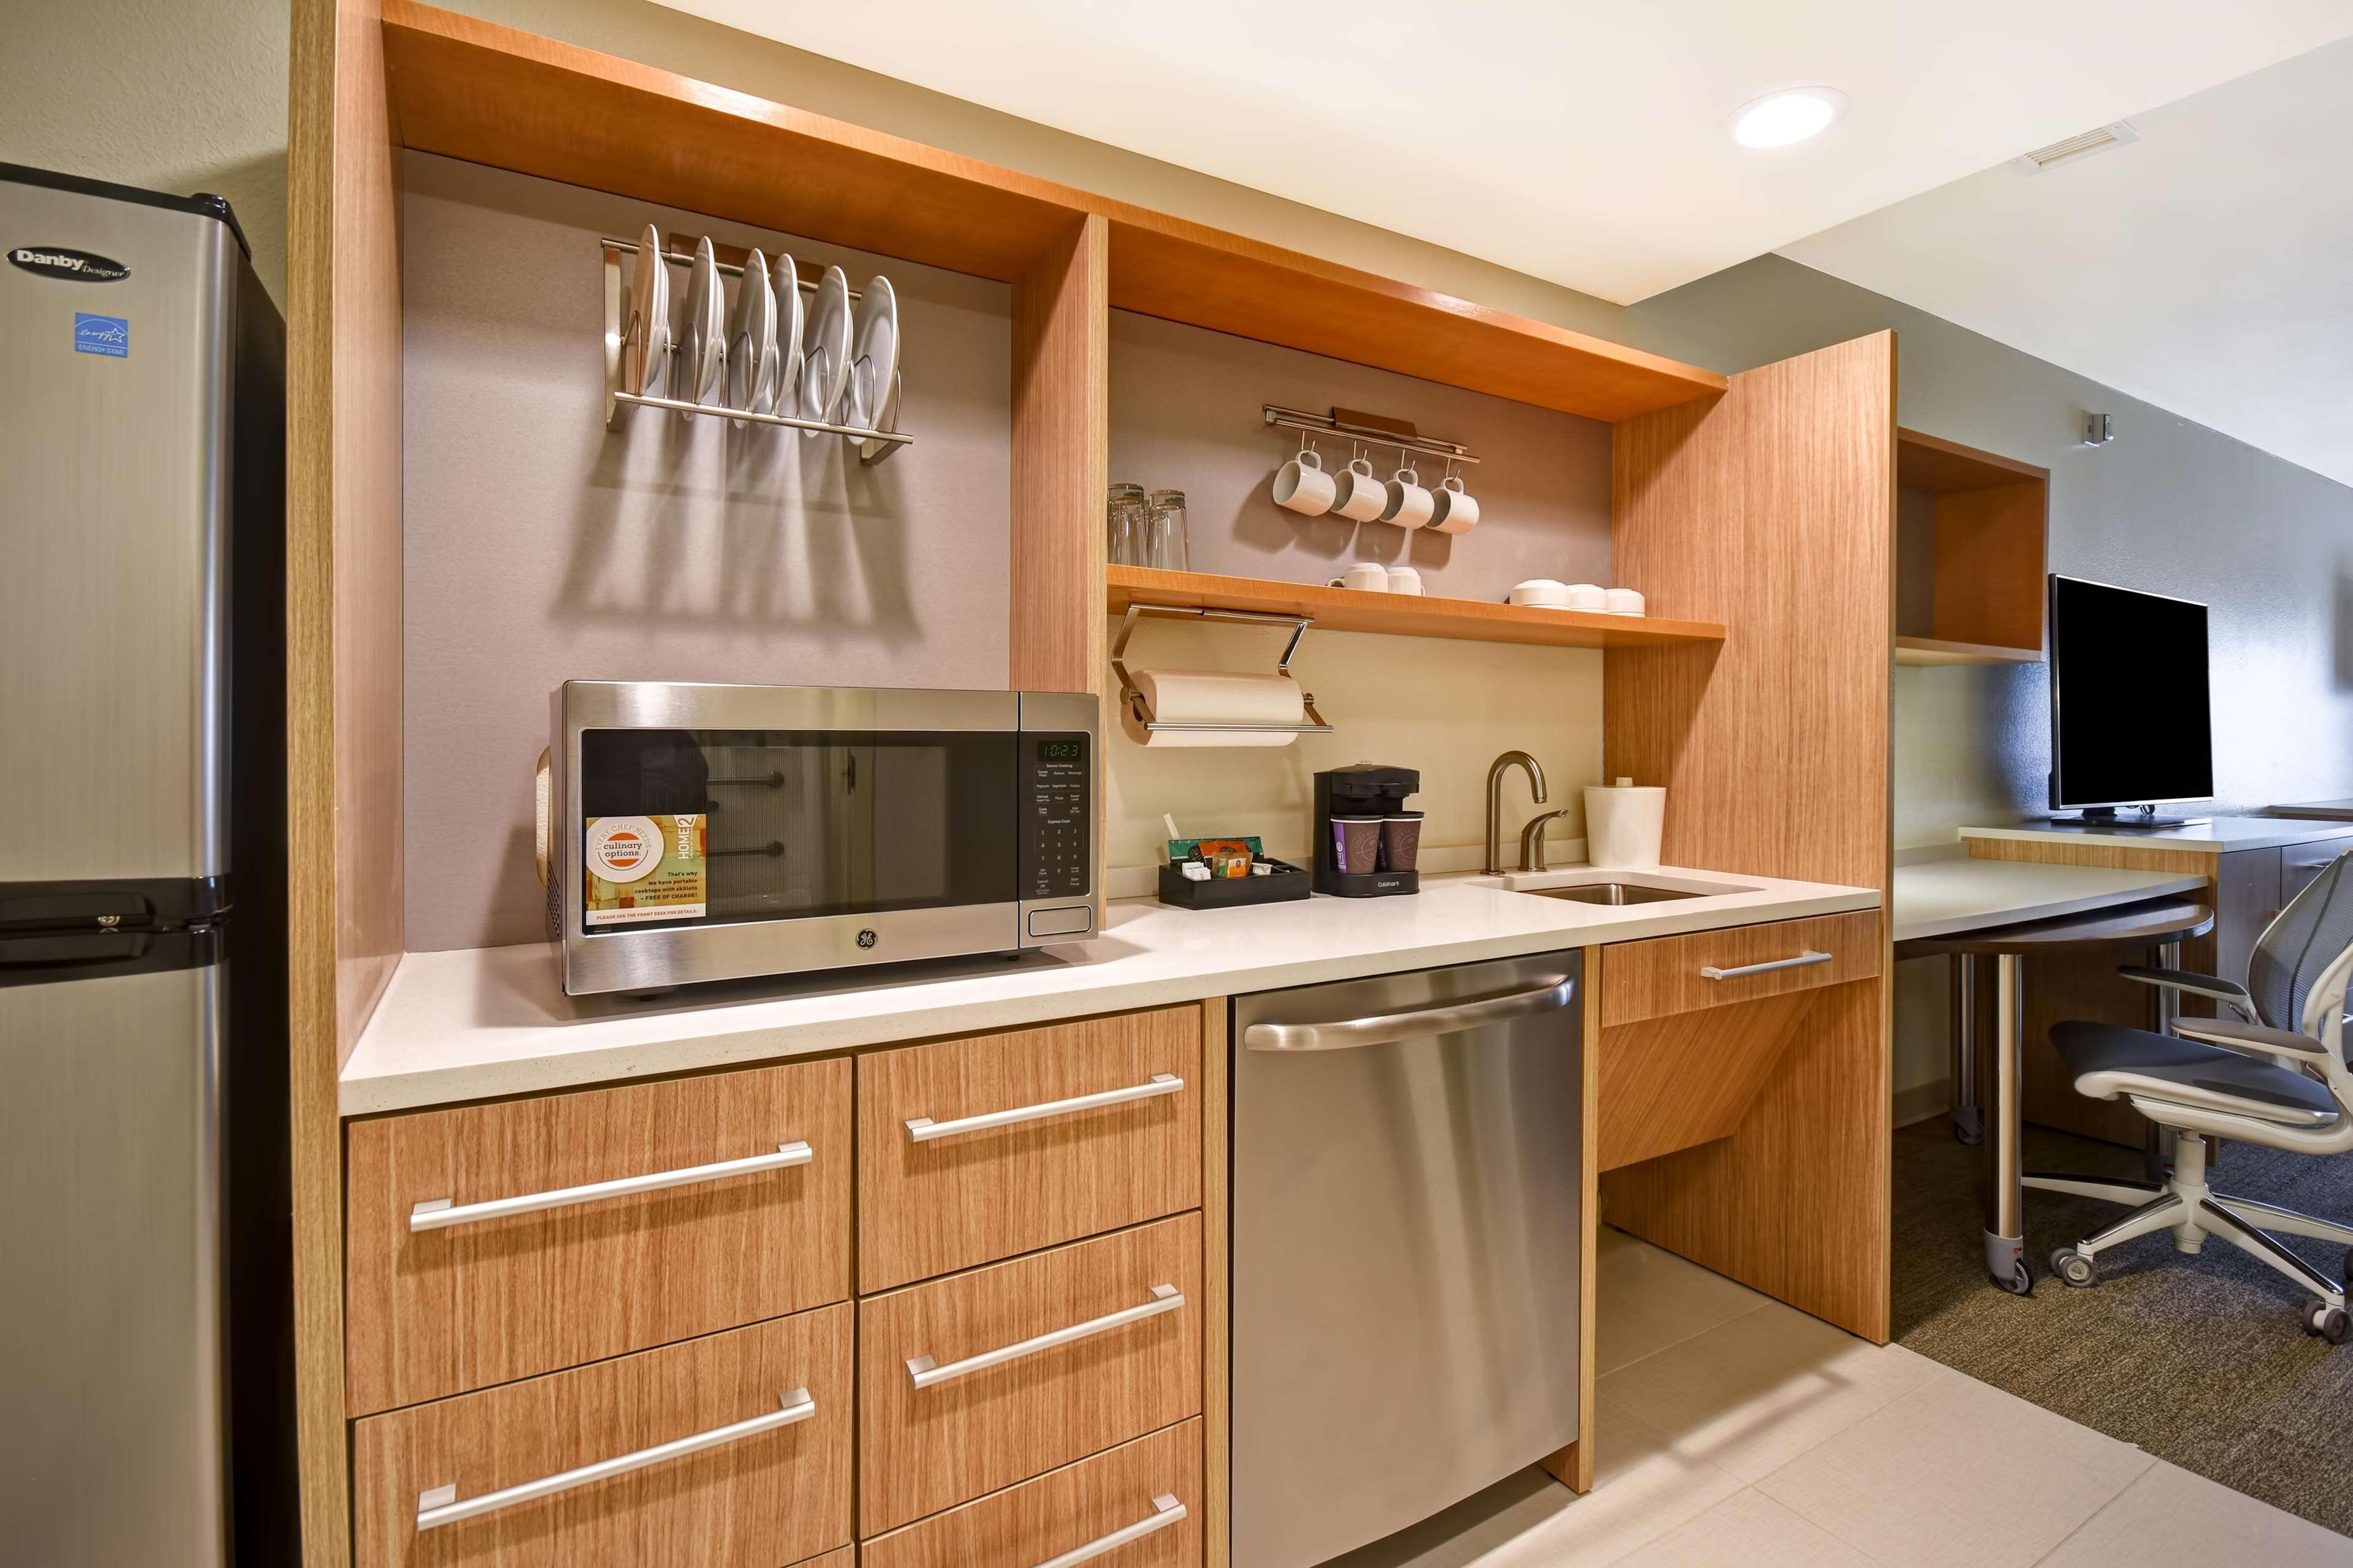 Home2 Suites by Hilton Smyrna Nashville image 29